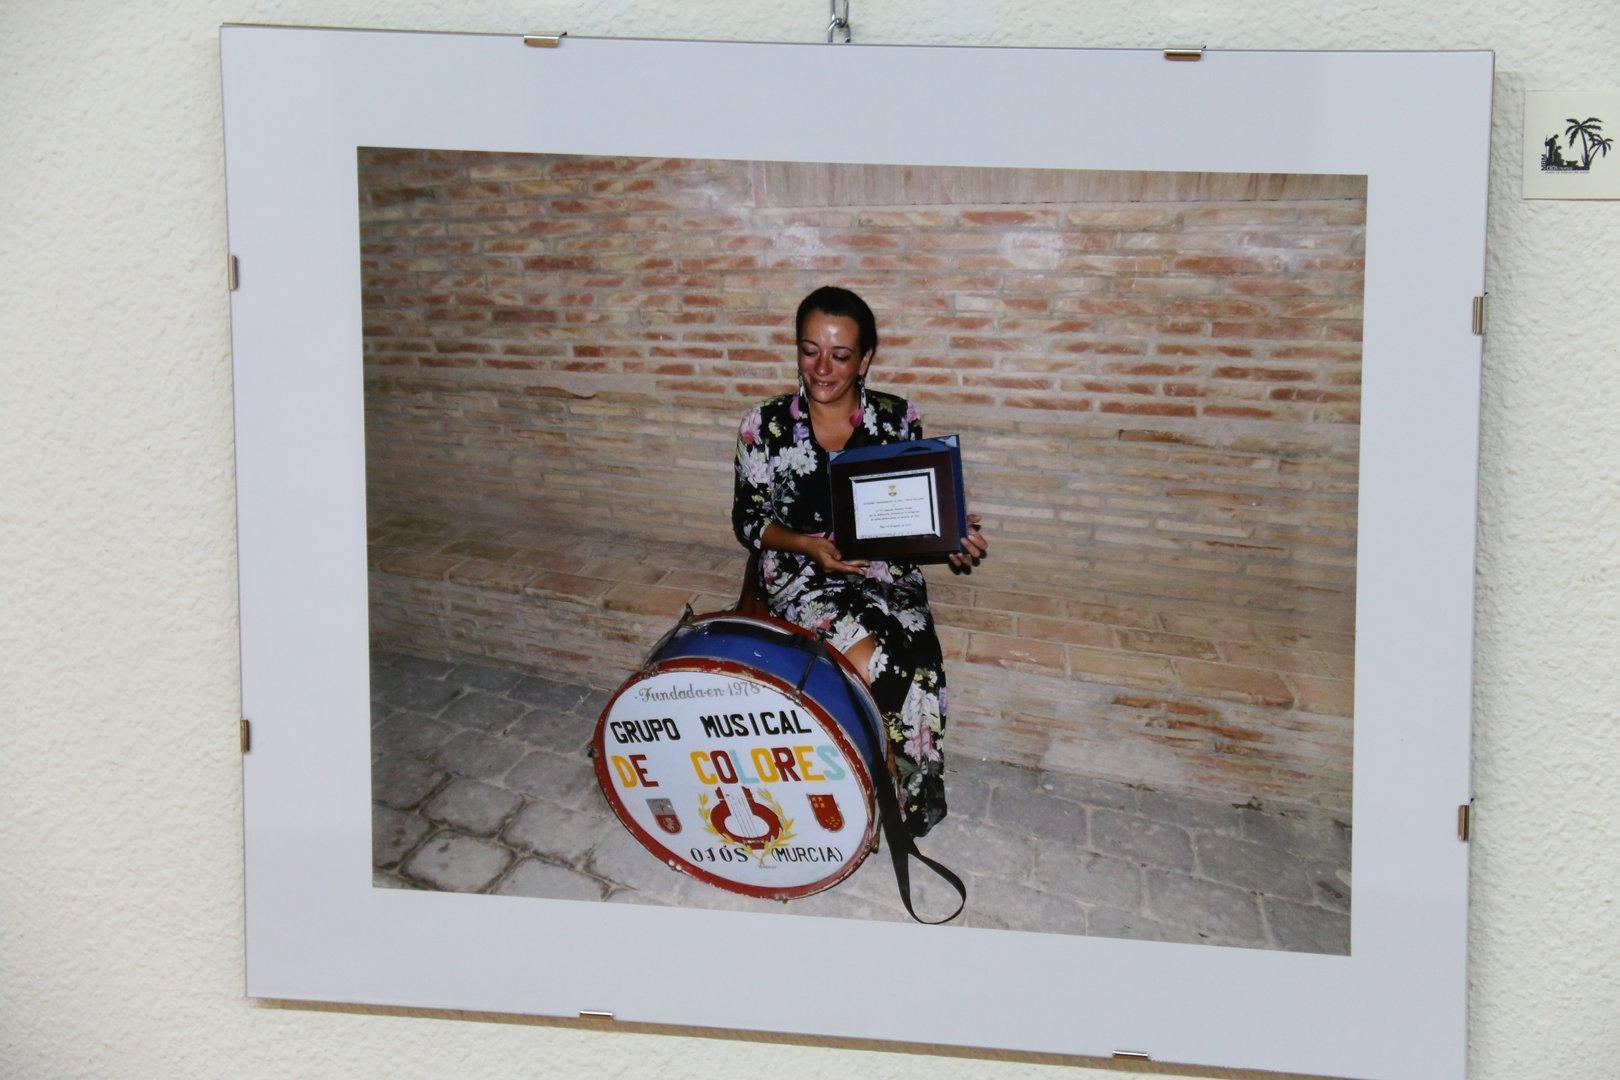 Concurso Fotográfico Fiestas de Ojós 2016 en EL Museo de Los Belenes del Mundo